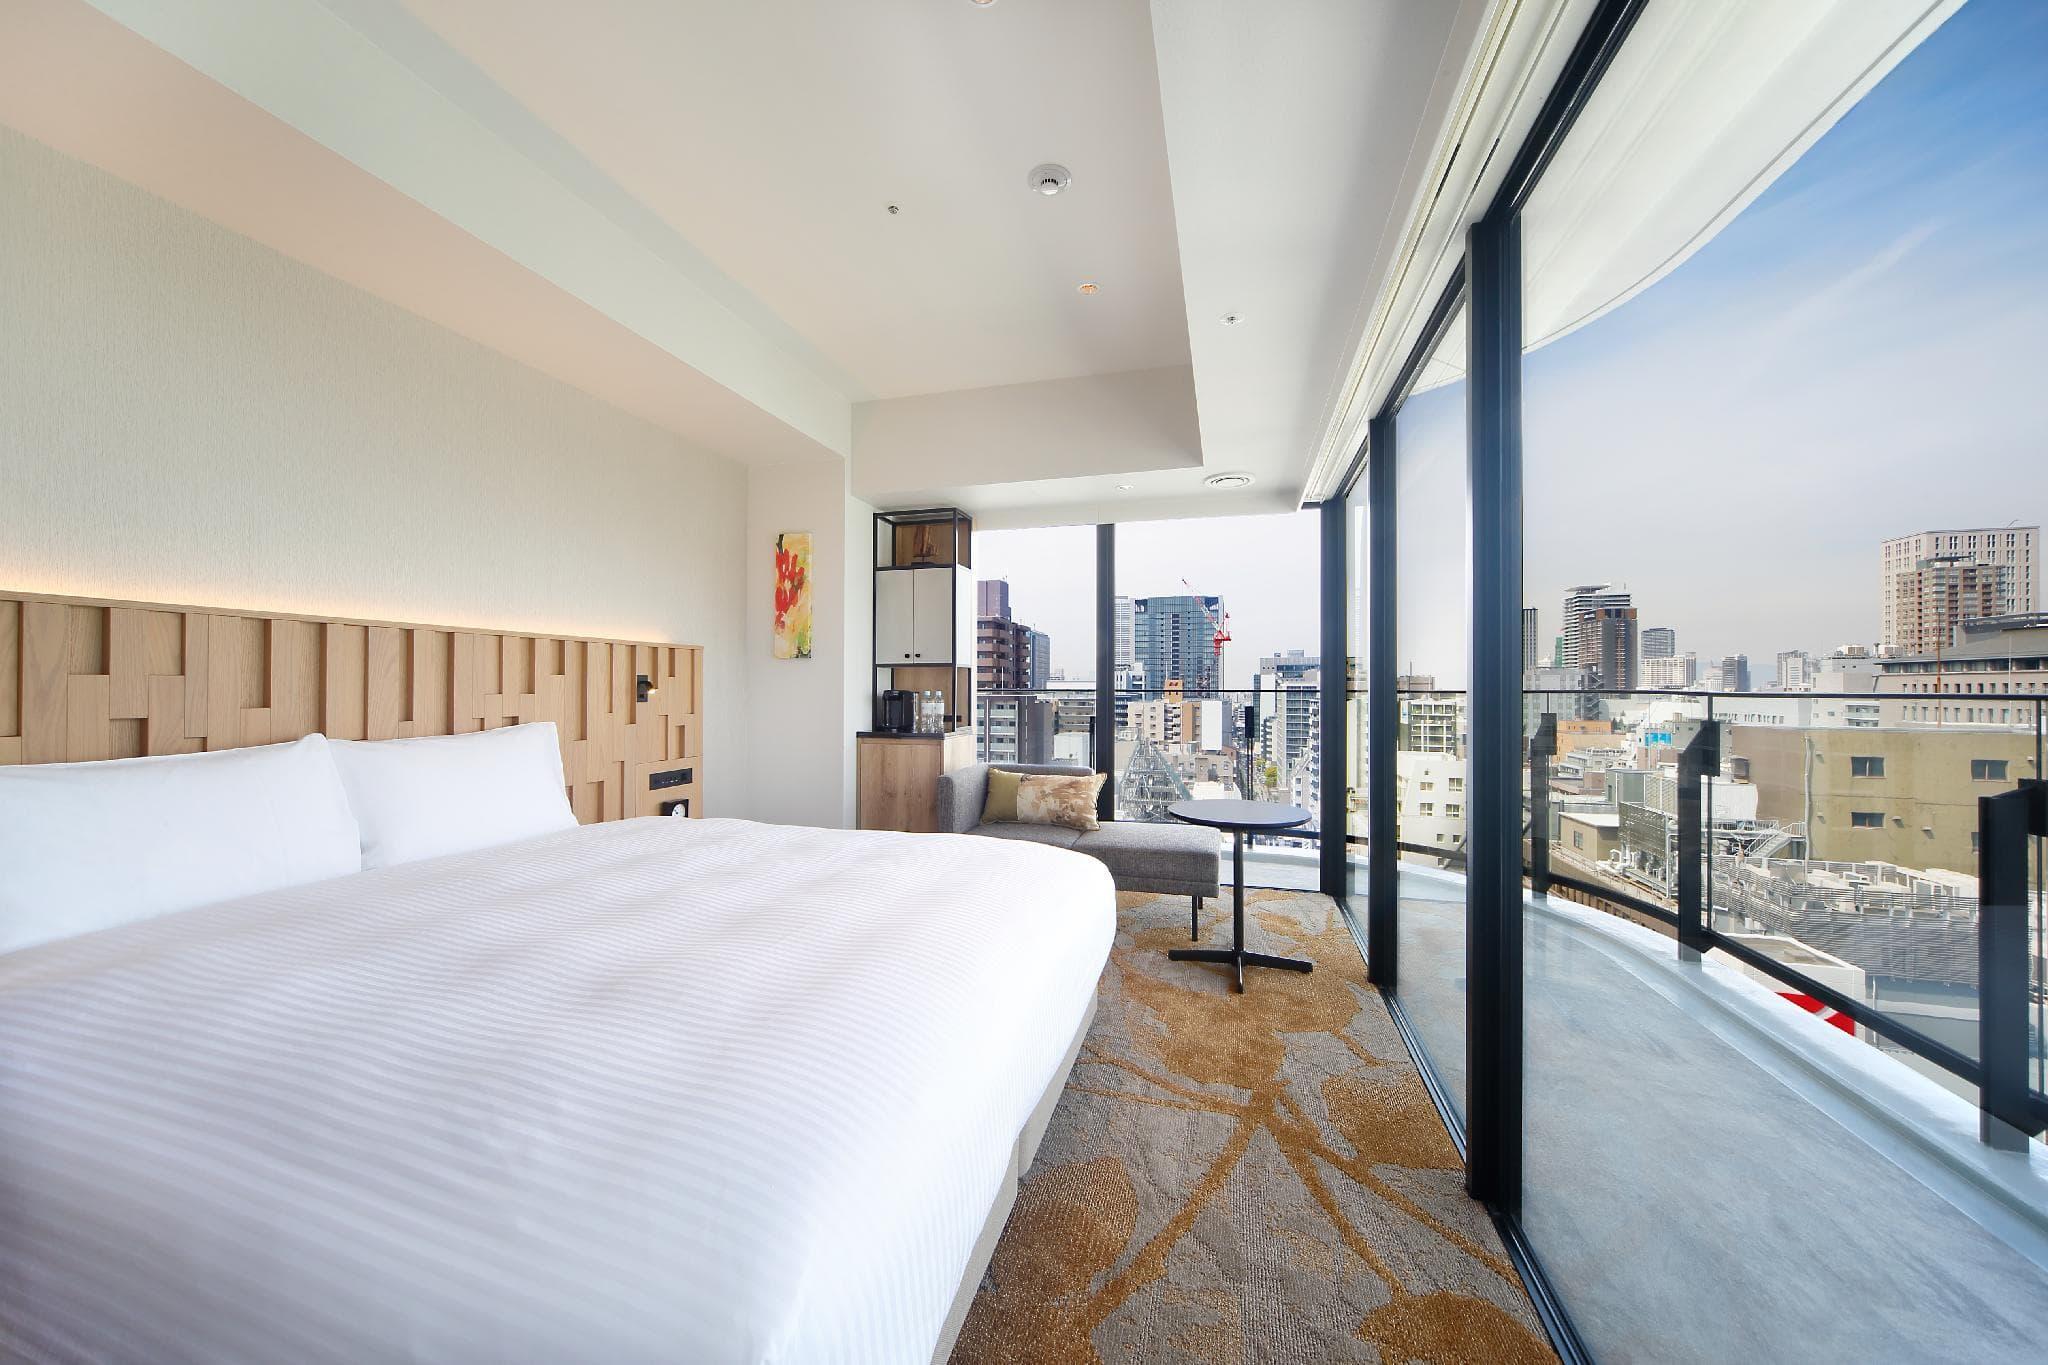 大阪本町都城市酒店 豪華轉角雙人房